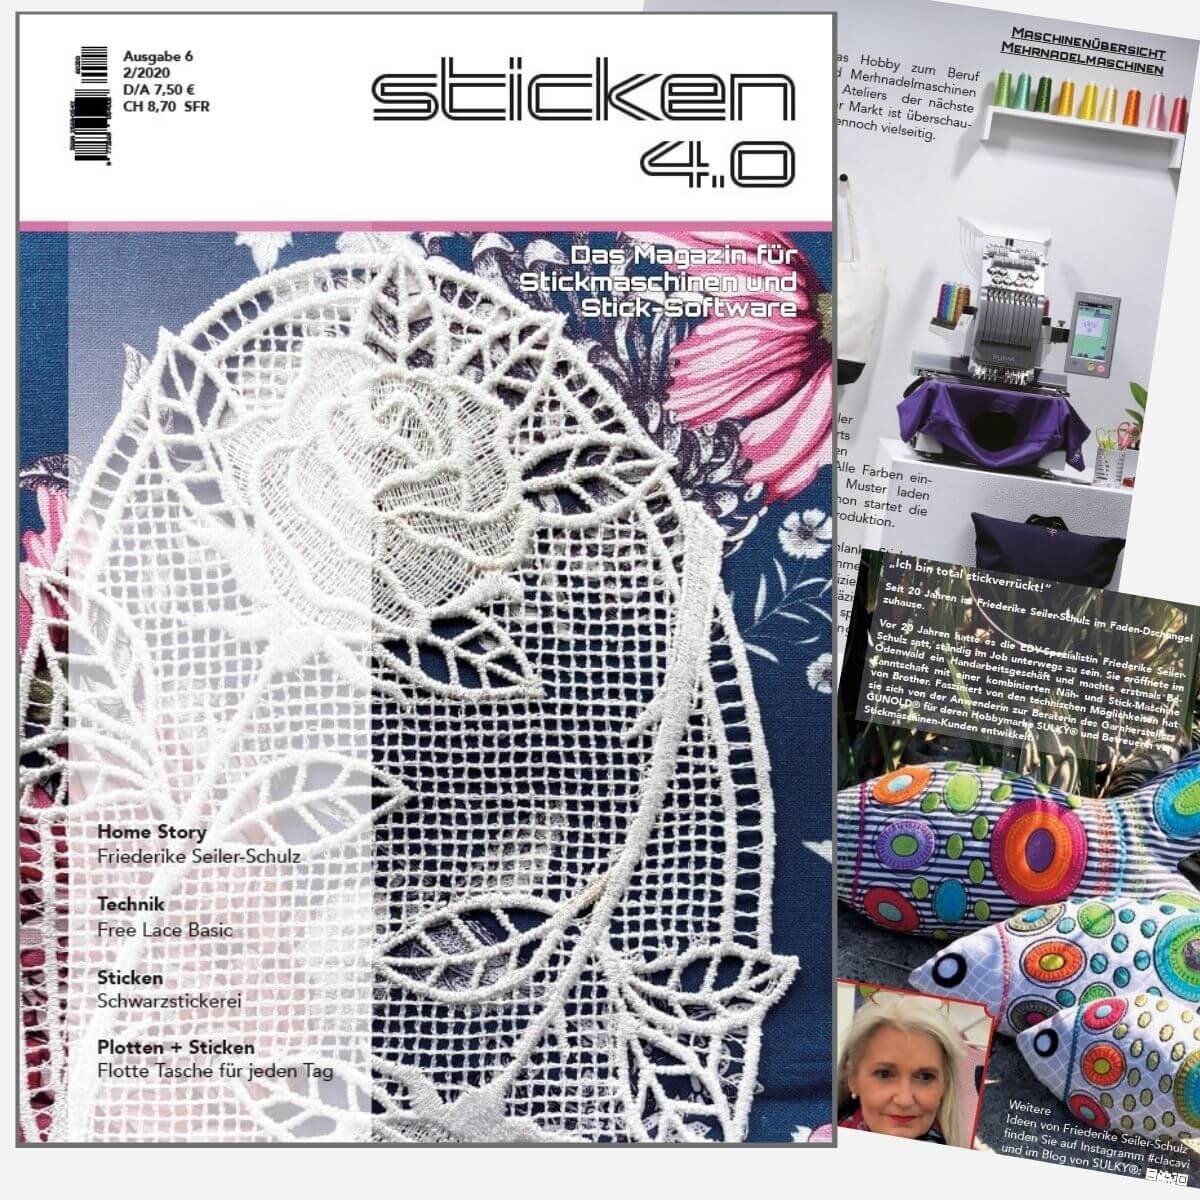 Sticken 4.0 - Das Magazin für Stickmaschinen und Software  - Ausgabe  Feb. 2020